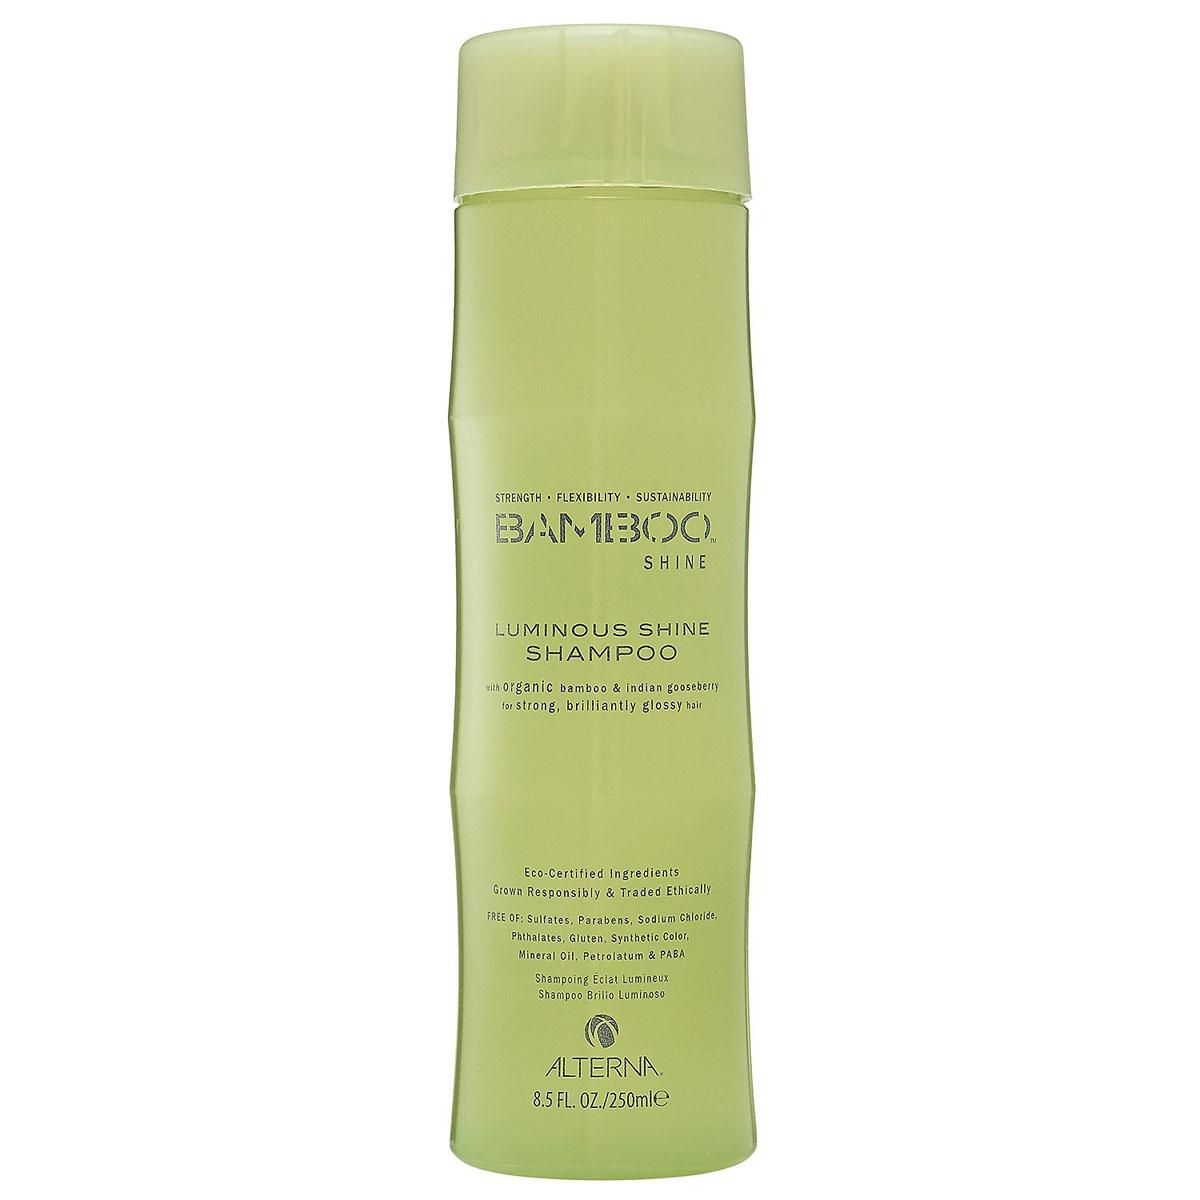 Alterna Шампунь для сияния и блеска волос (безсульфатный) Bamboo Luminous Shine Shampoo - 250 млFS-36054Органическое масло индийского крыжовника и экстракт бамбука, входящие в состав шампуня Bamboo Luminous Shine Shampoo помогут оптимально увлажнить и укрепить волосы, делая их гладкими, сильными и шелковистыми. Технология Color Hold позволит окрашенным волосам дольше сохранять цвет, не вымывая его. Идеально подходит для светлых волос. Результат: очищает волосы без использования сульфатов. Оптимально увлажняет и укрепляет волосы. Сохраняет яркость цвета окрашенных и натуральных волос. Улучшает внешний вид волос. Разглаживает волосы, придает им гладкость и блеск.